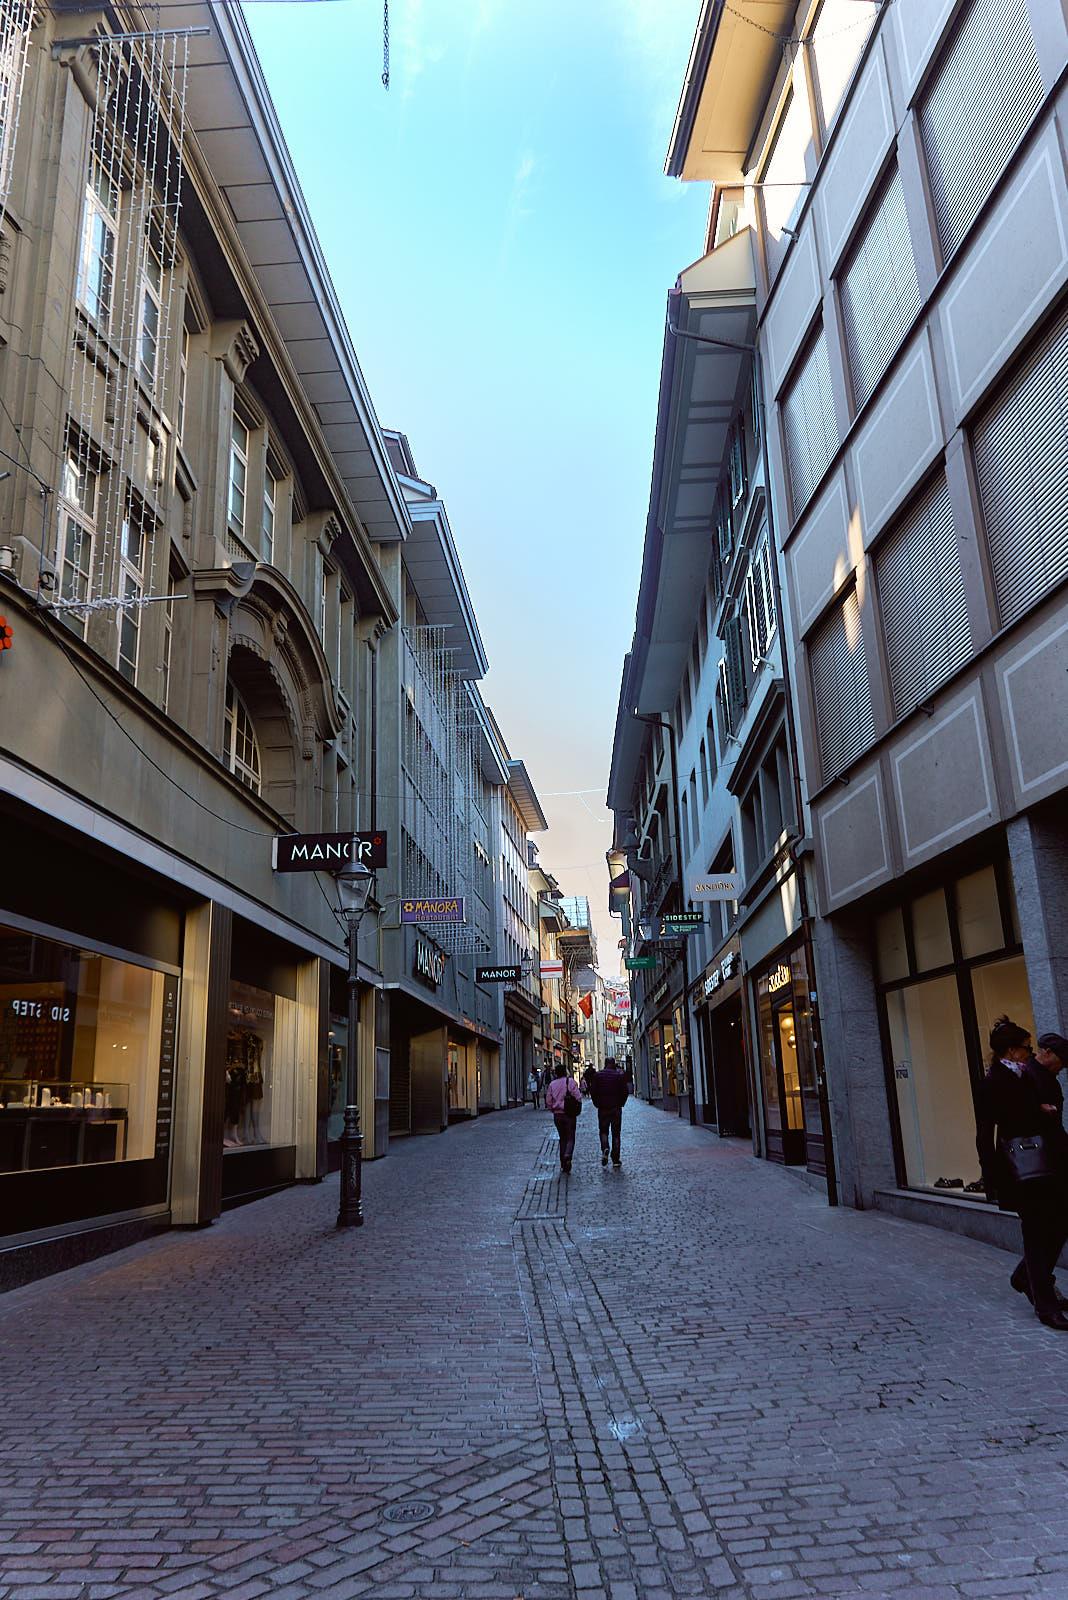 Old town Luzern